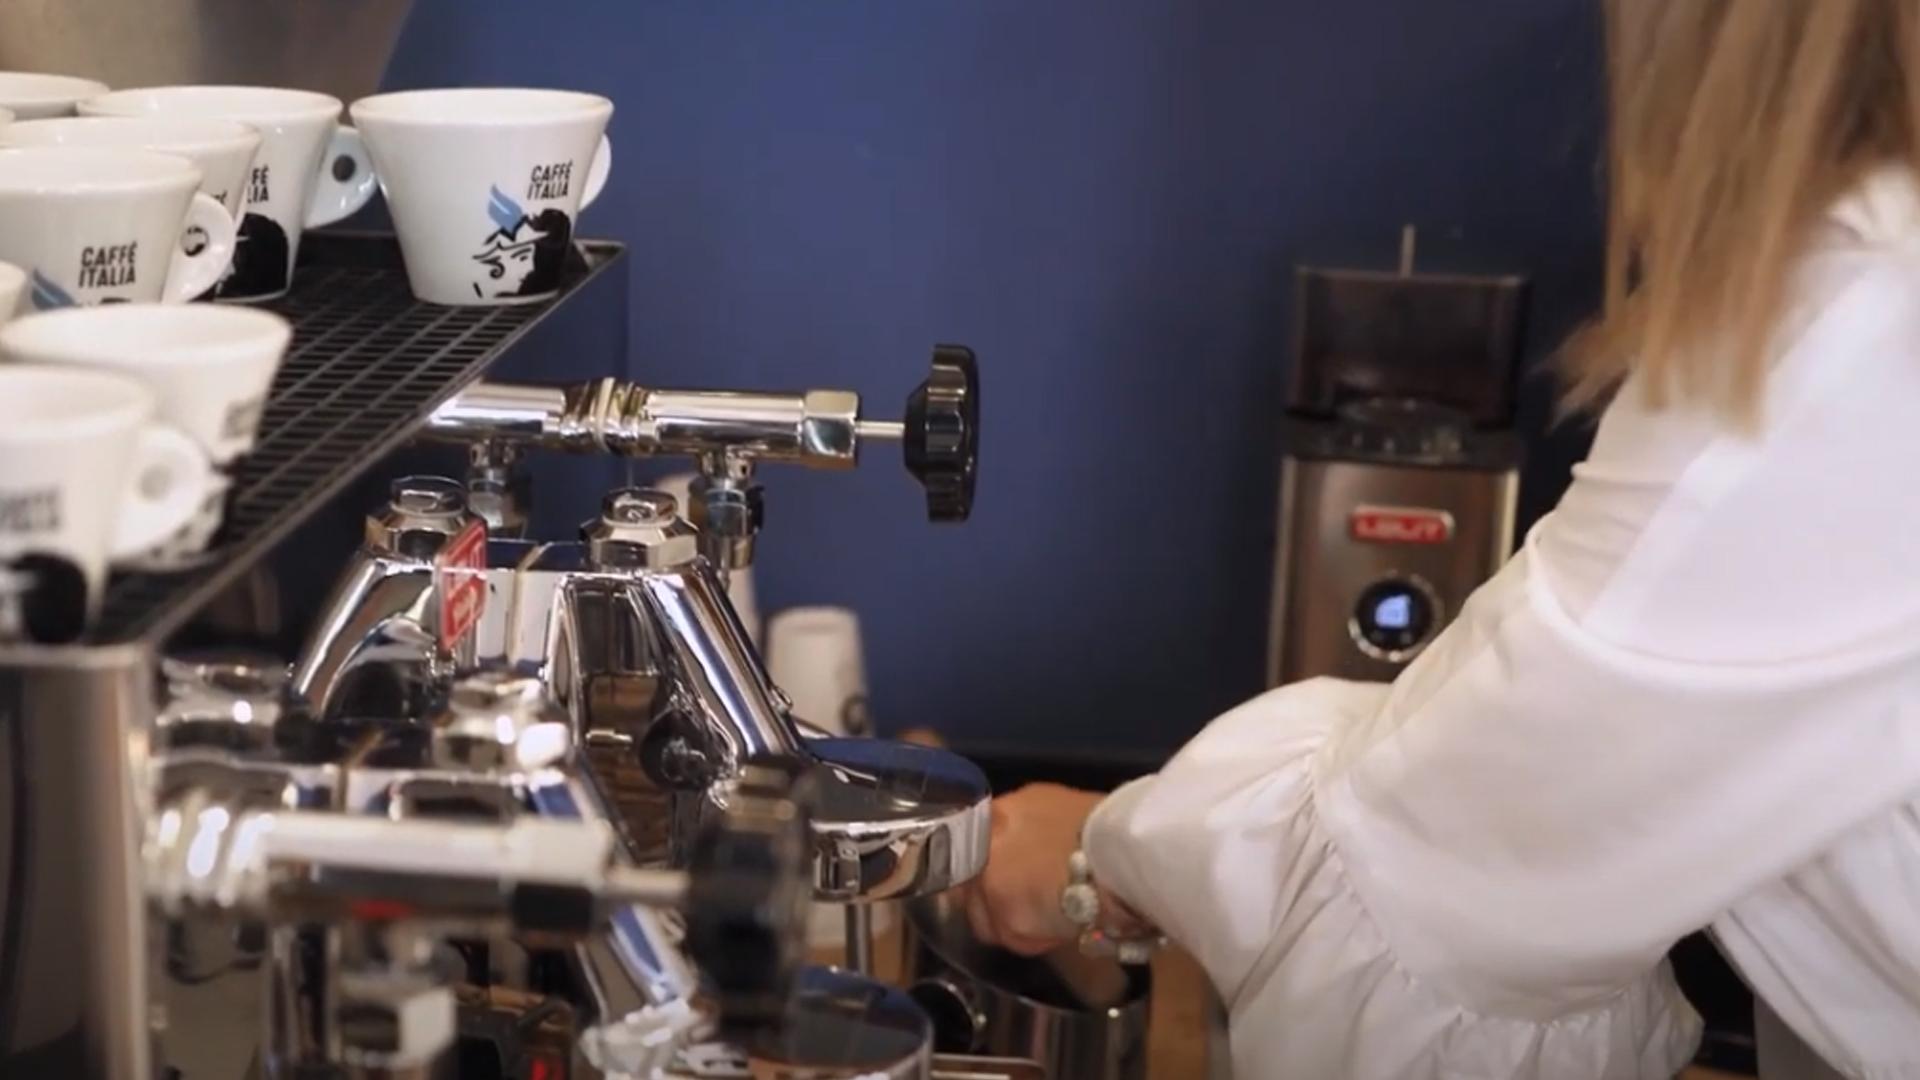 A female barista preparing coffee in a bar in North Macedonia